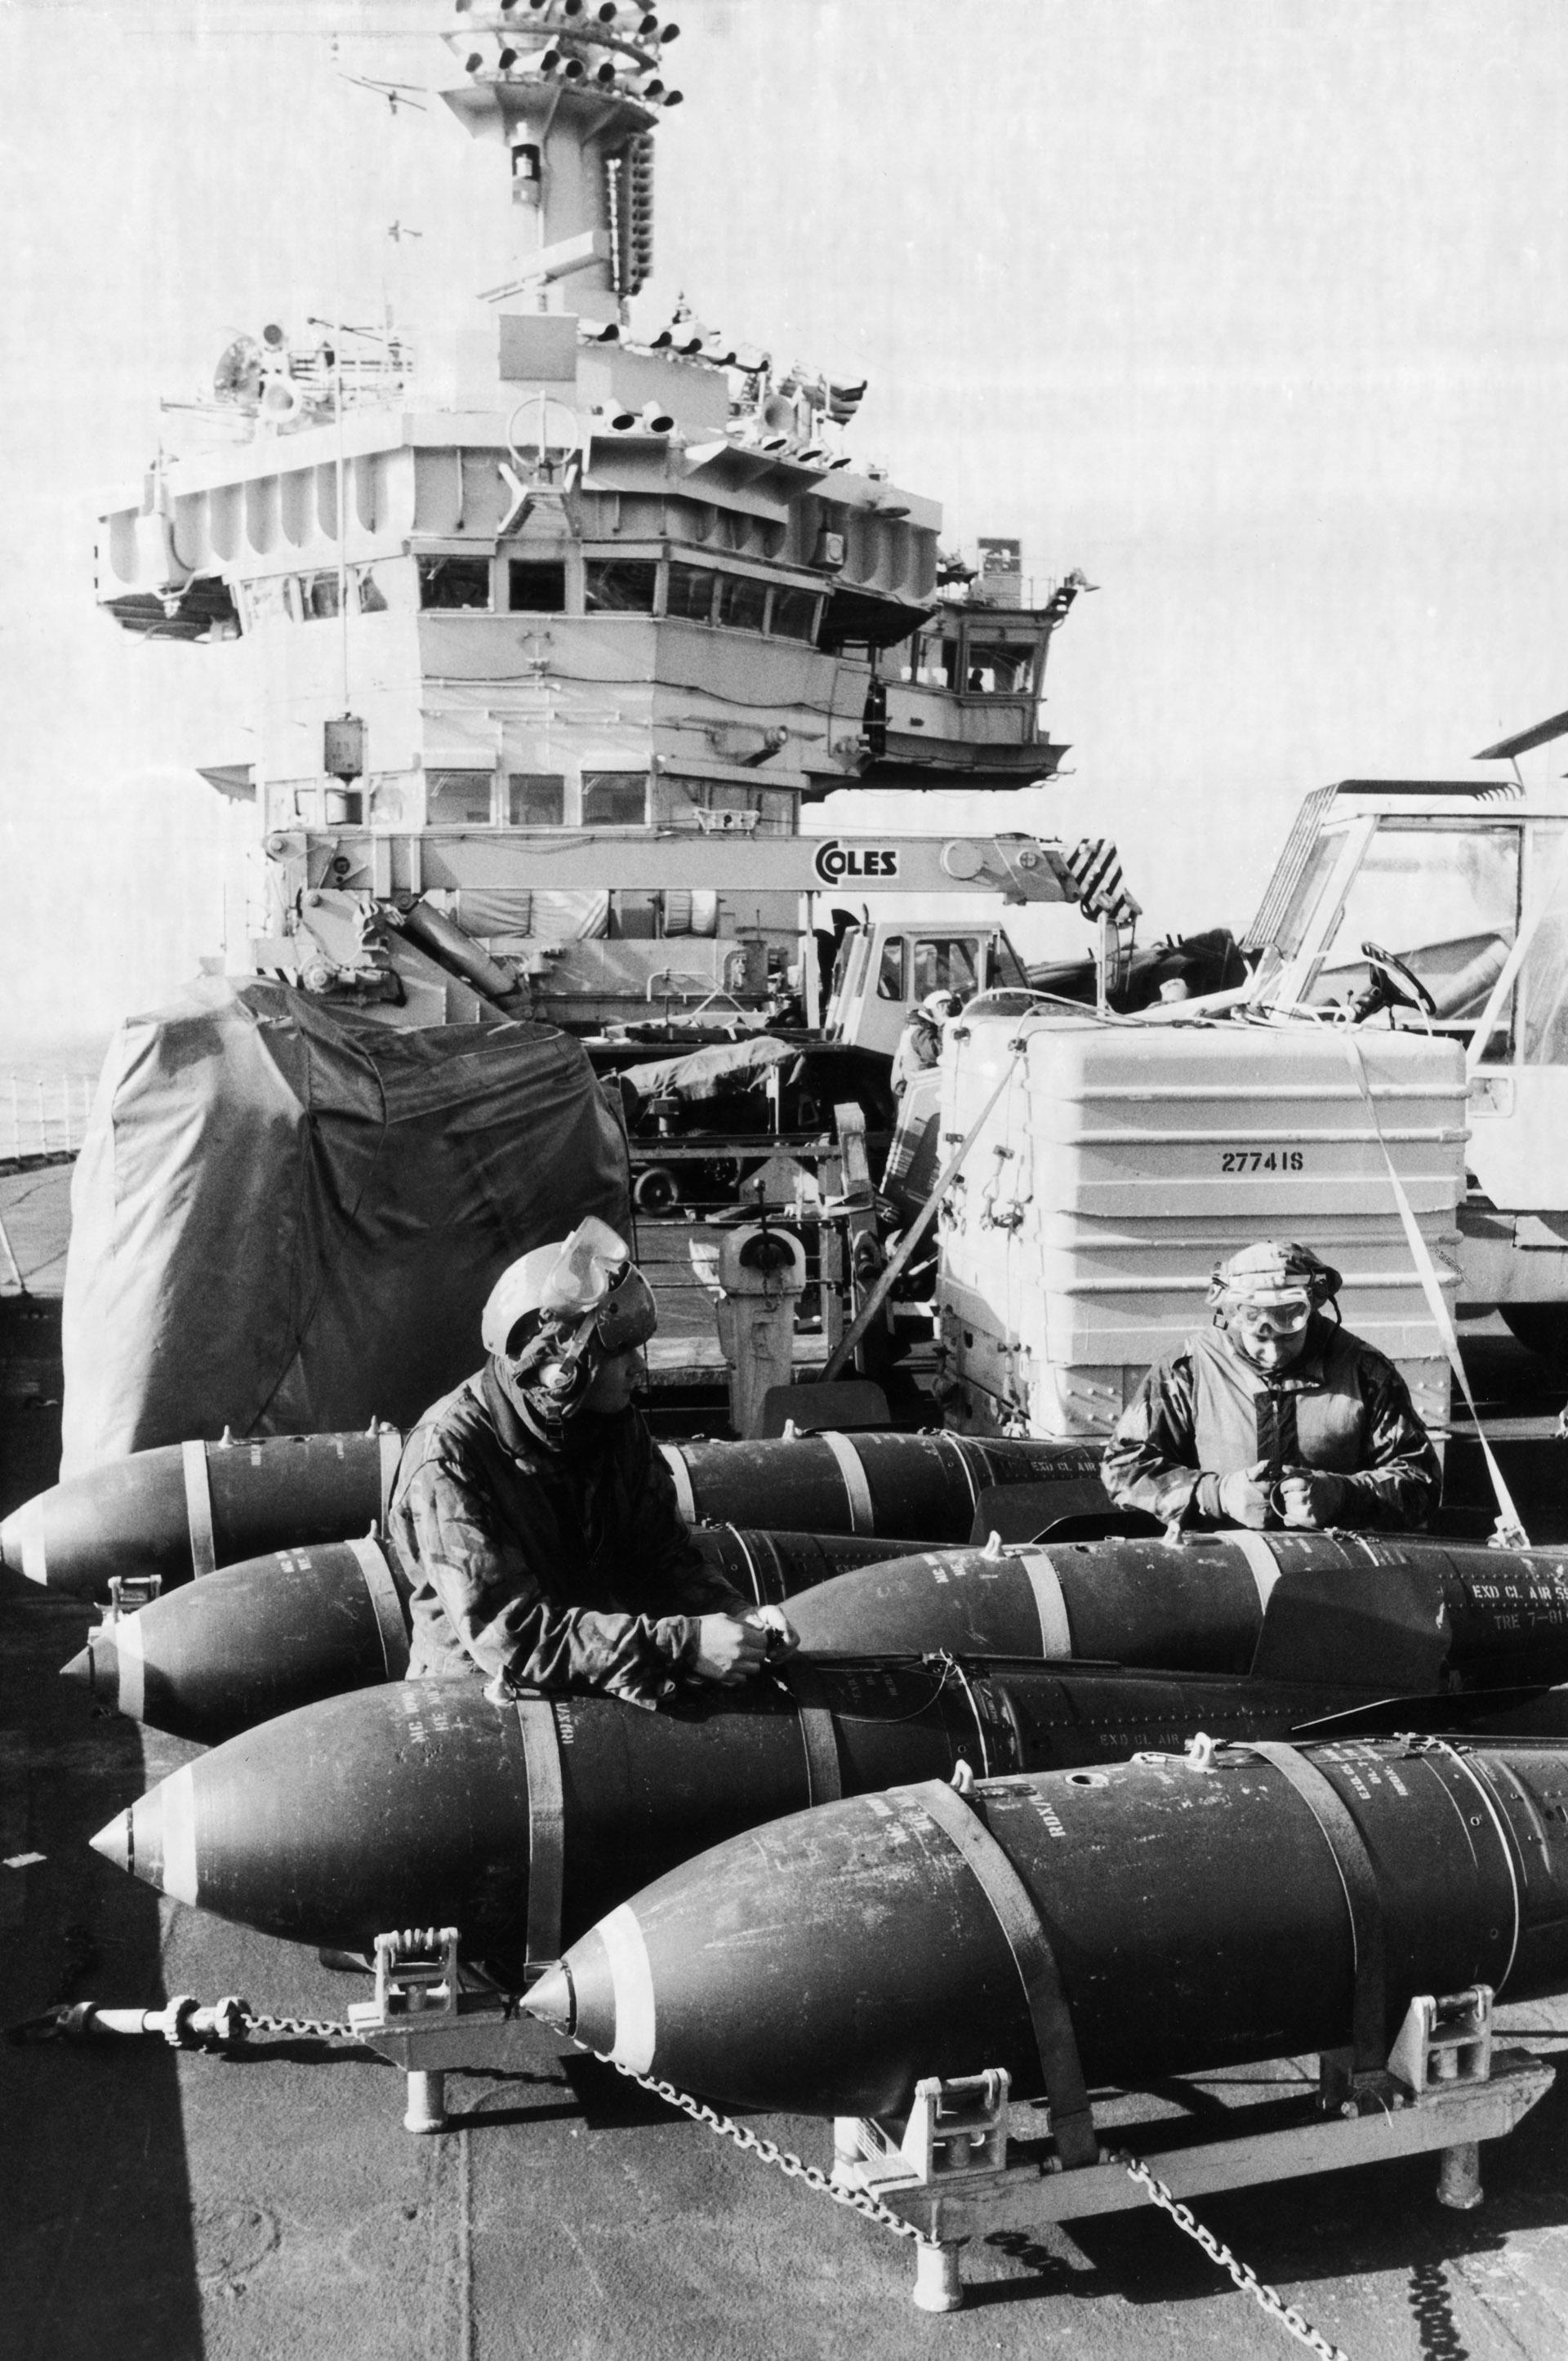 La 800 escuadra naval británica prepara bombas de 1000 libras en la cubierta del HMS Hermes, Mayo de 1982 (Martin Cleaver/Pool/Getty Images)